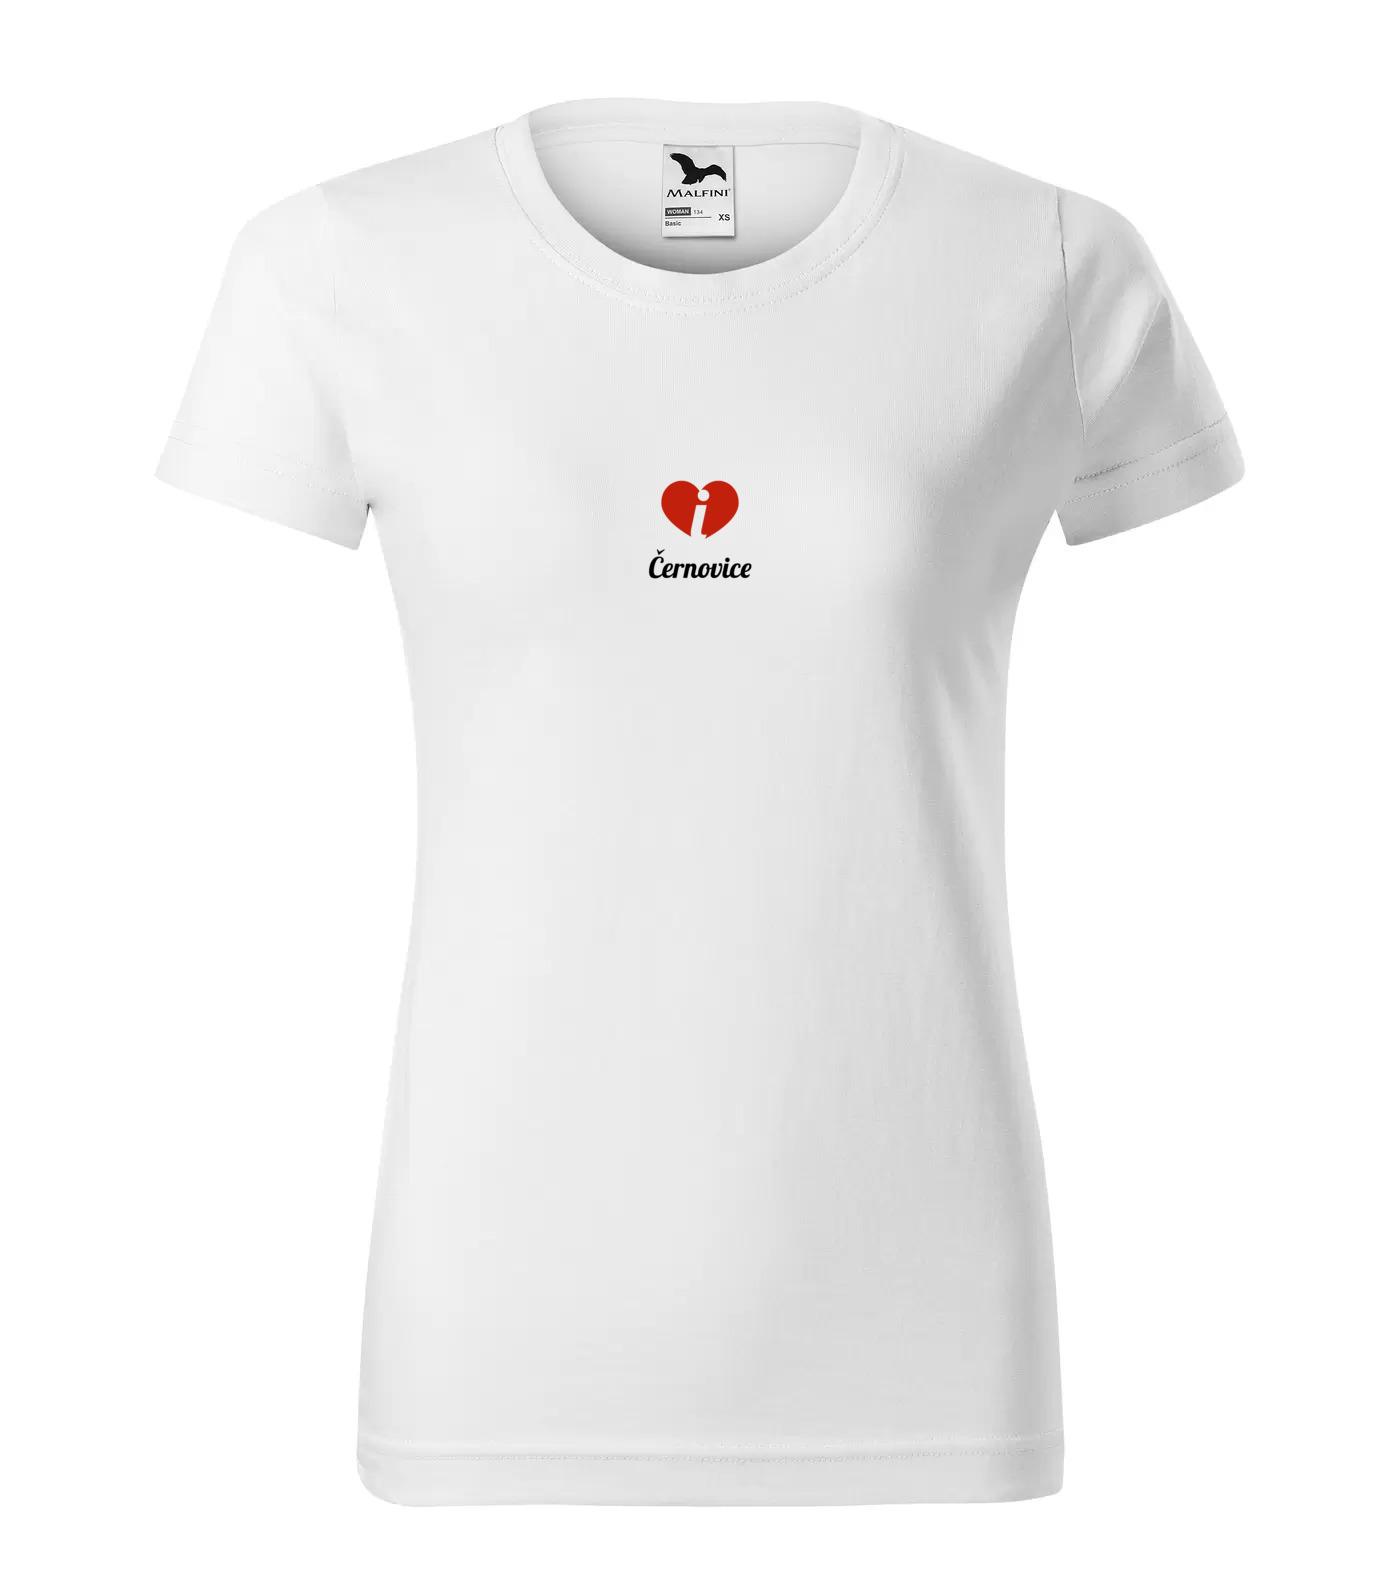 Tričko Černovice